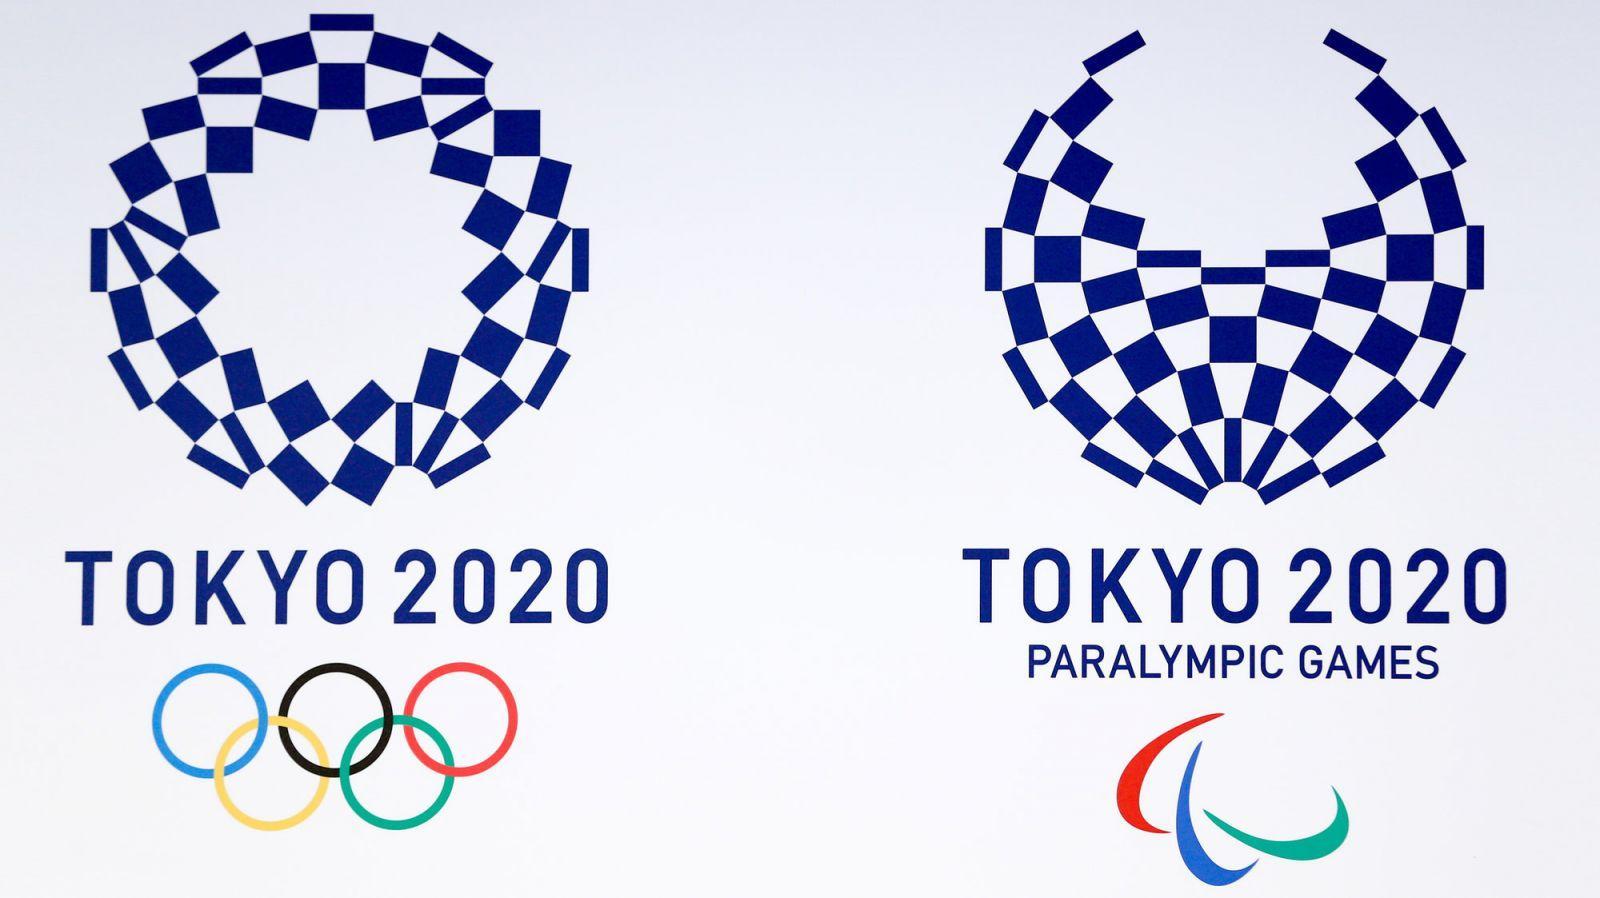 Олимпиада в Токио официально перенесена на 2021 год из-за коронавируса